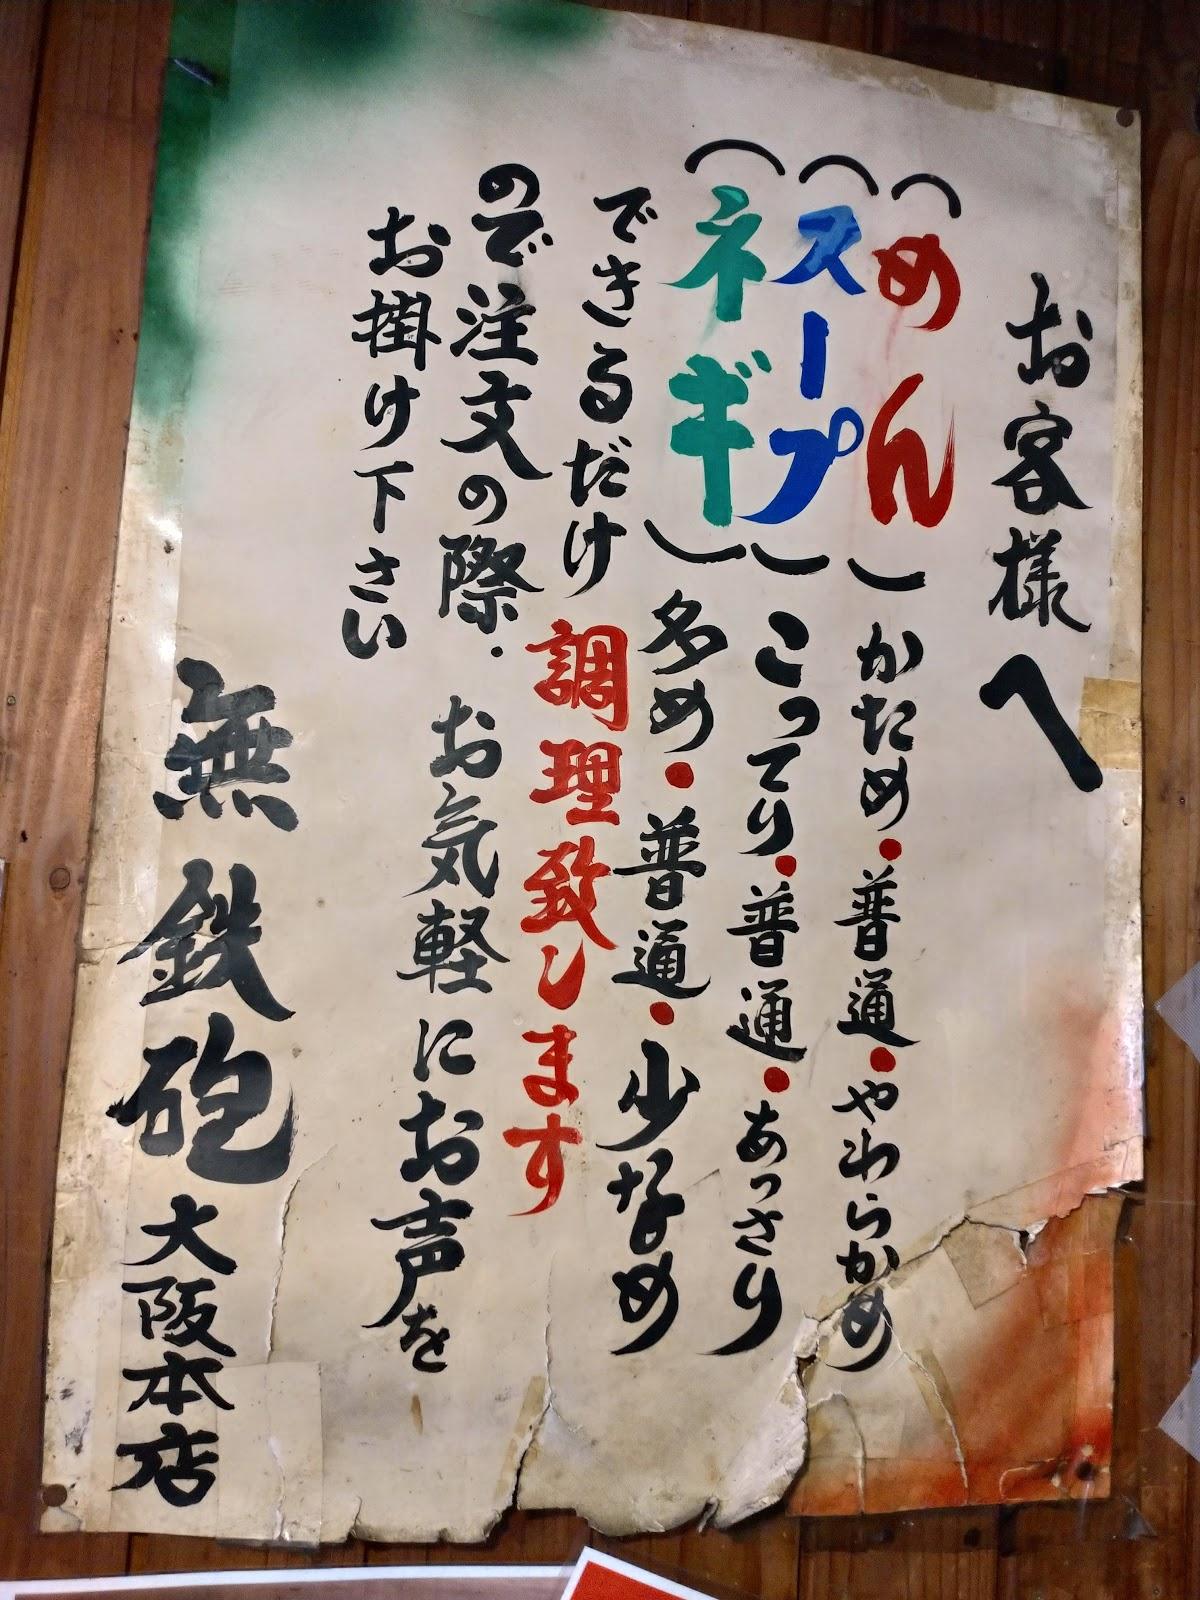 無鉄砲大阪本店のとんこつラーメン!